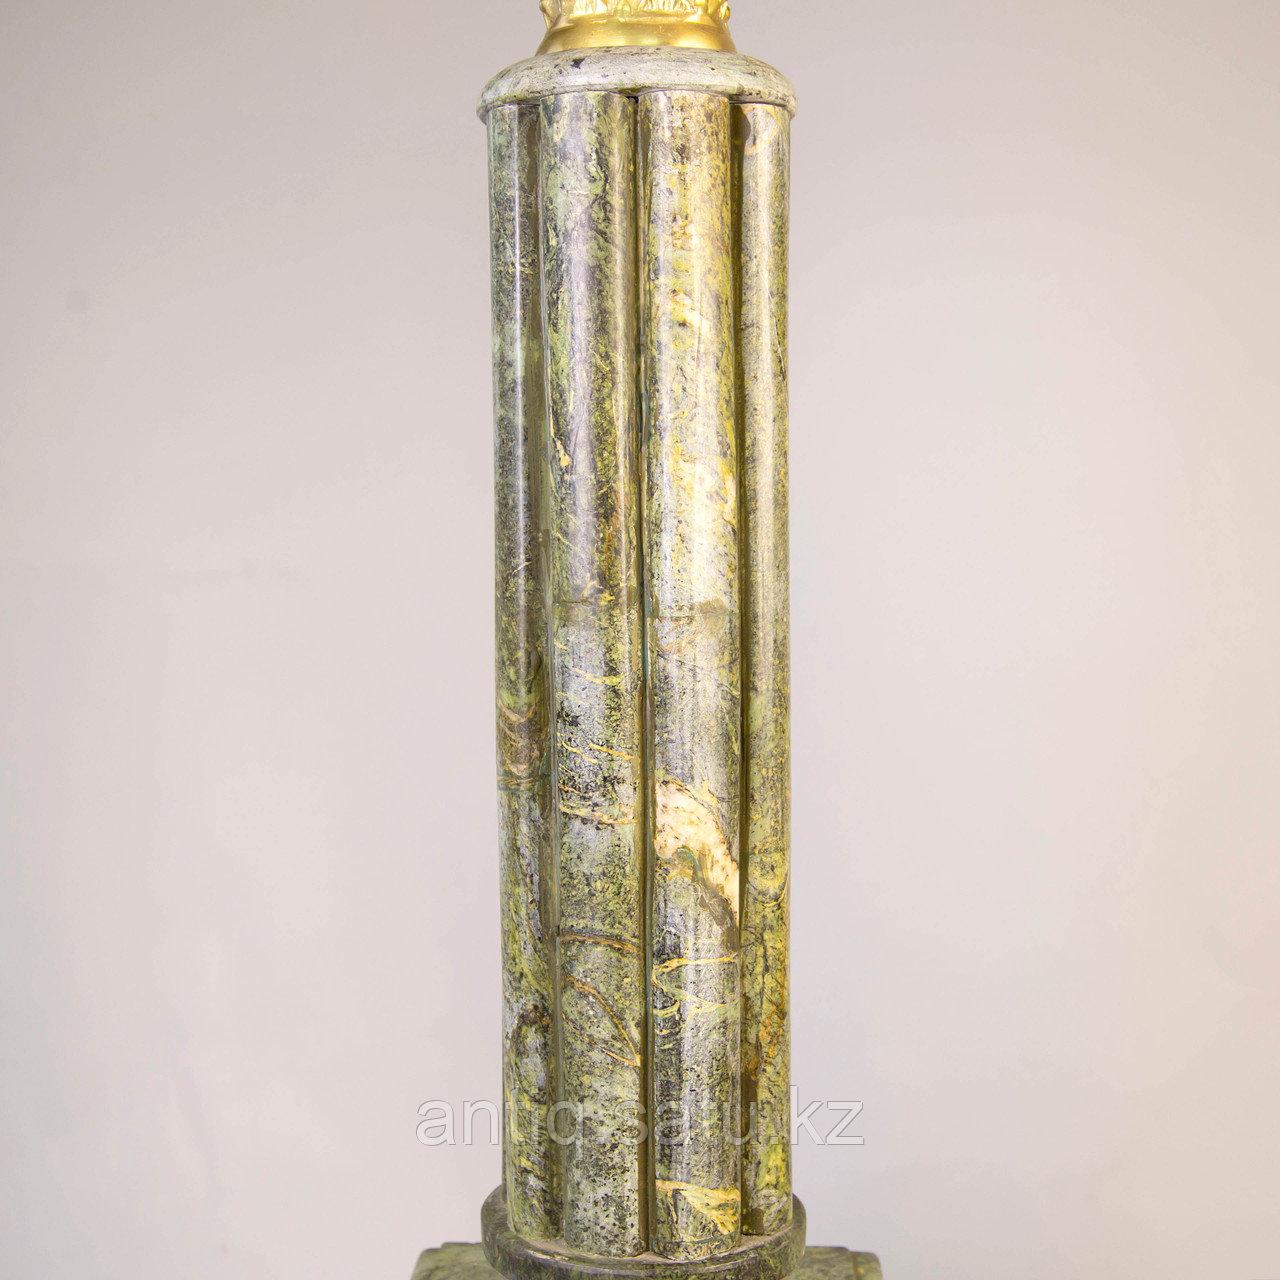 Пара колонн в дворцовом стиле. Подставки под дорогие вазы или фигуры. - фото 7